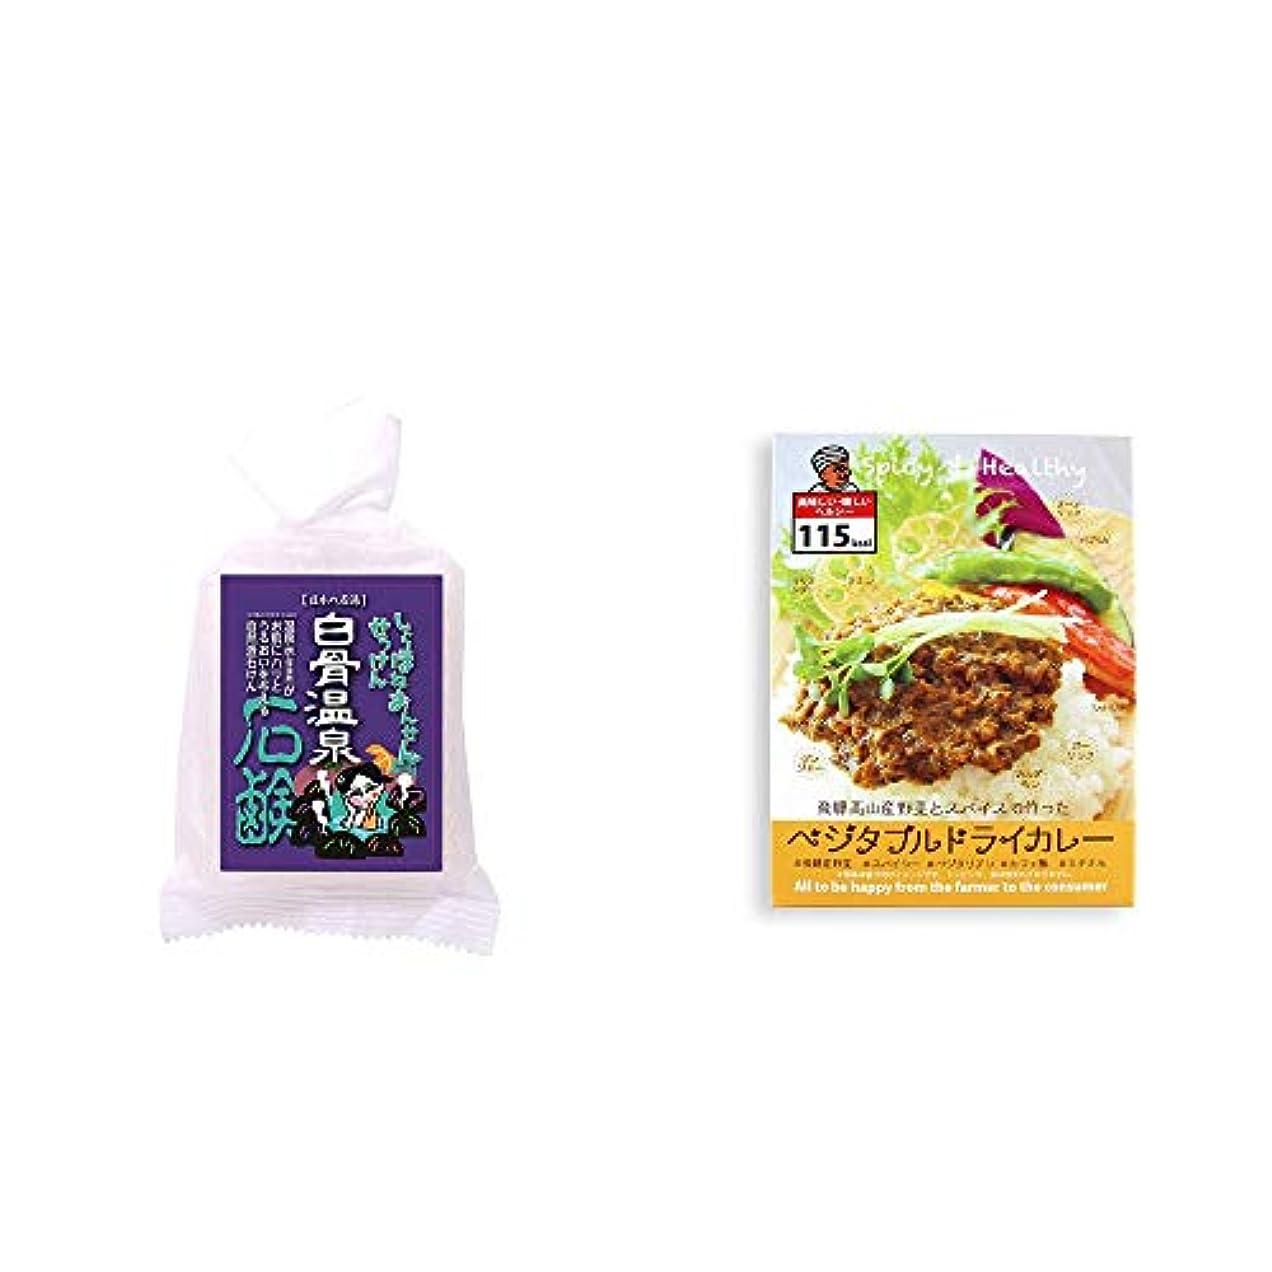 論争アパート接辞[2点セット] 信州 白骨温泉石鹸(80g)?飛騨産野菜とスパイスで作ったベジタブルドライカレー(100g)